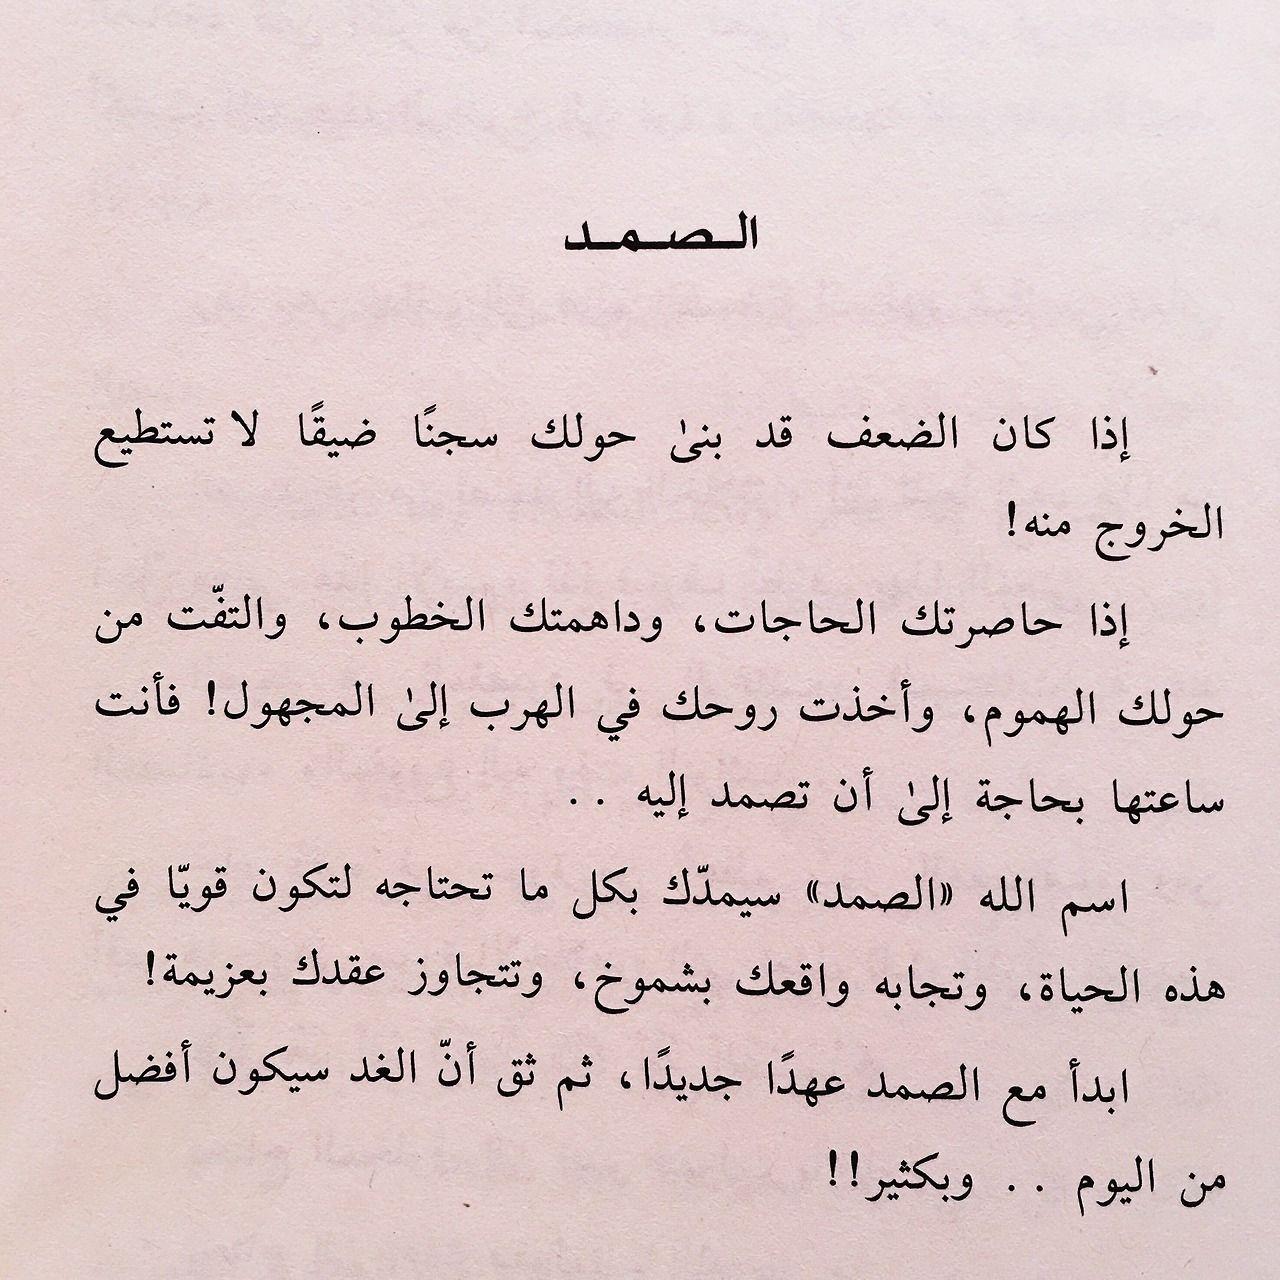 لأنك الله علي بن جابر الفيفي Literary Text Islamic Quotes Texts